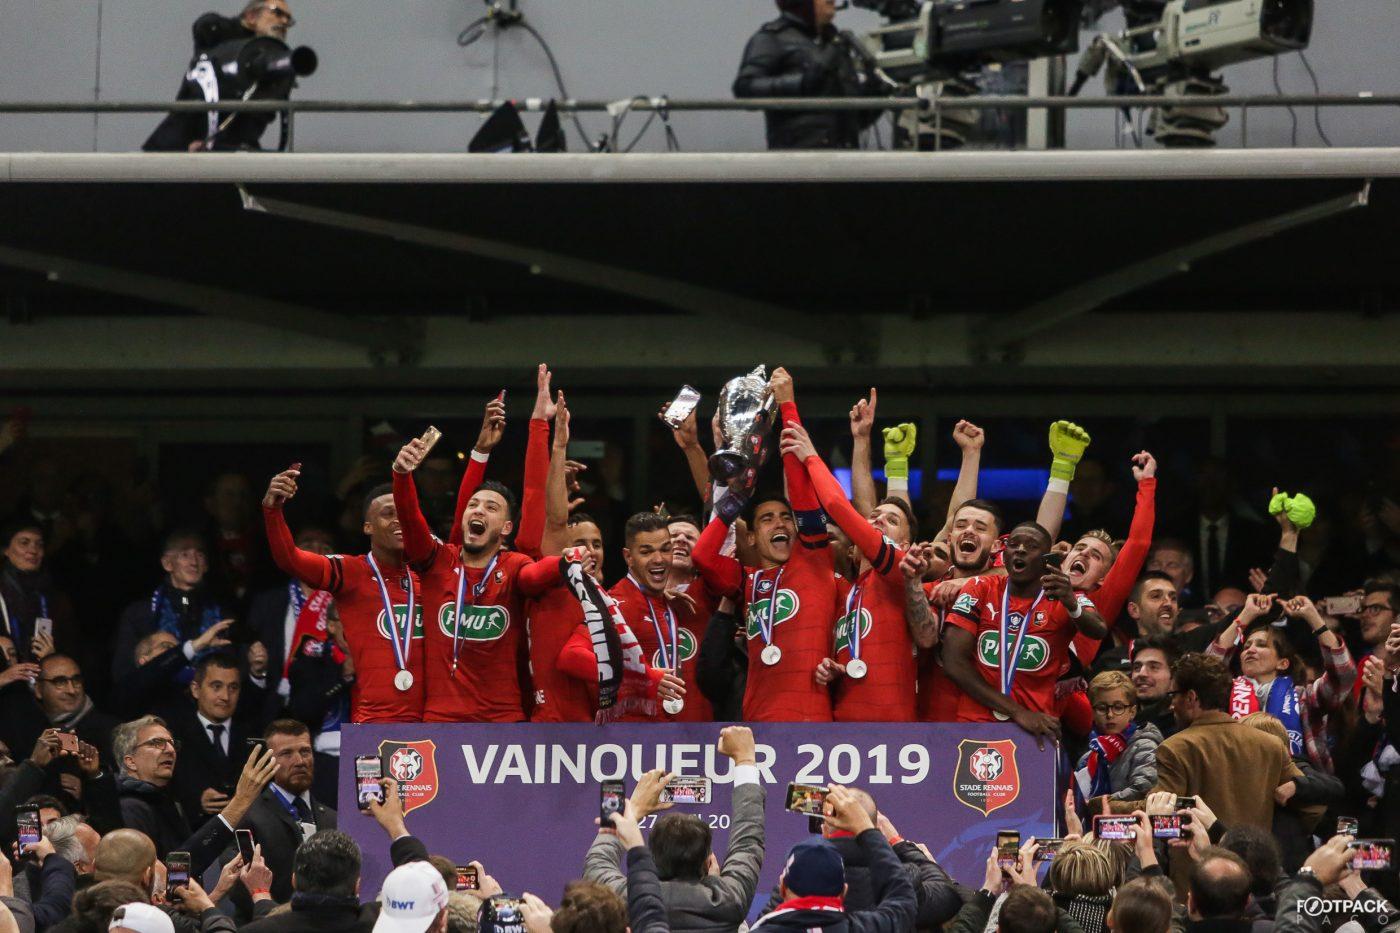 finale-coupe-de-france-2019-rennes-paris-saint-germain-62